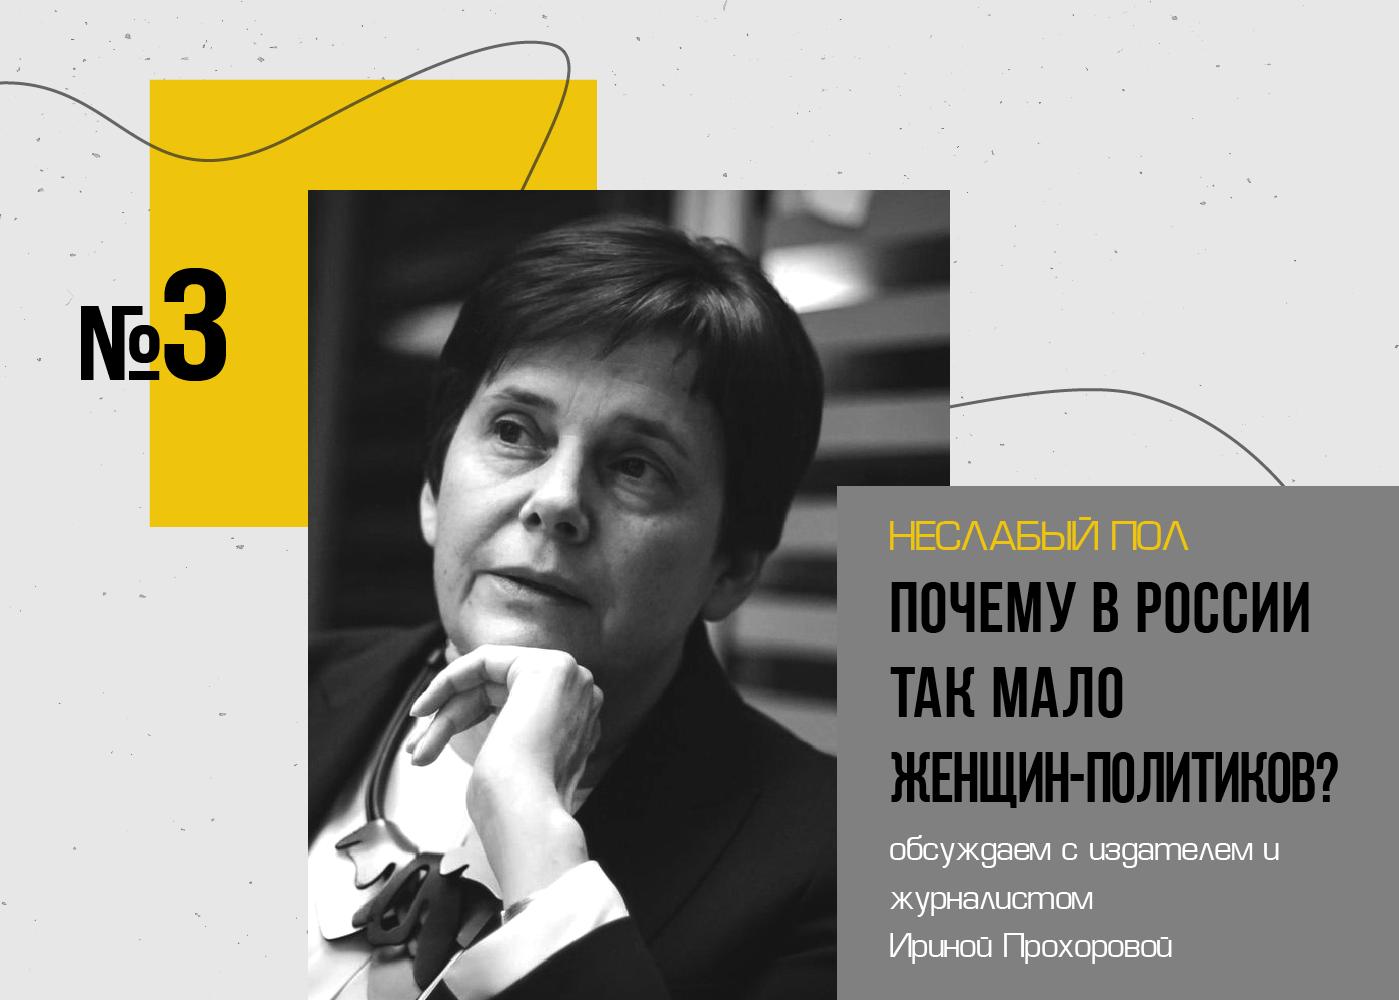 Выпуск 3. Почему в России так мало женщин-политиков?